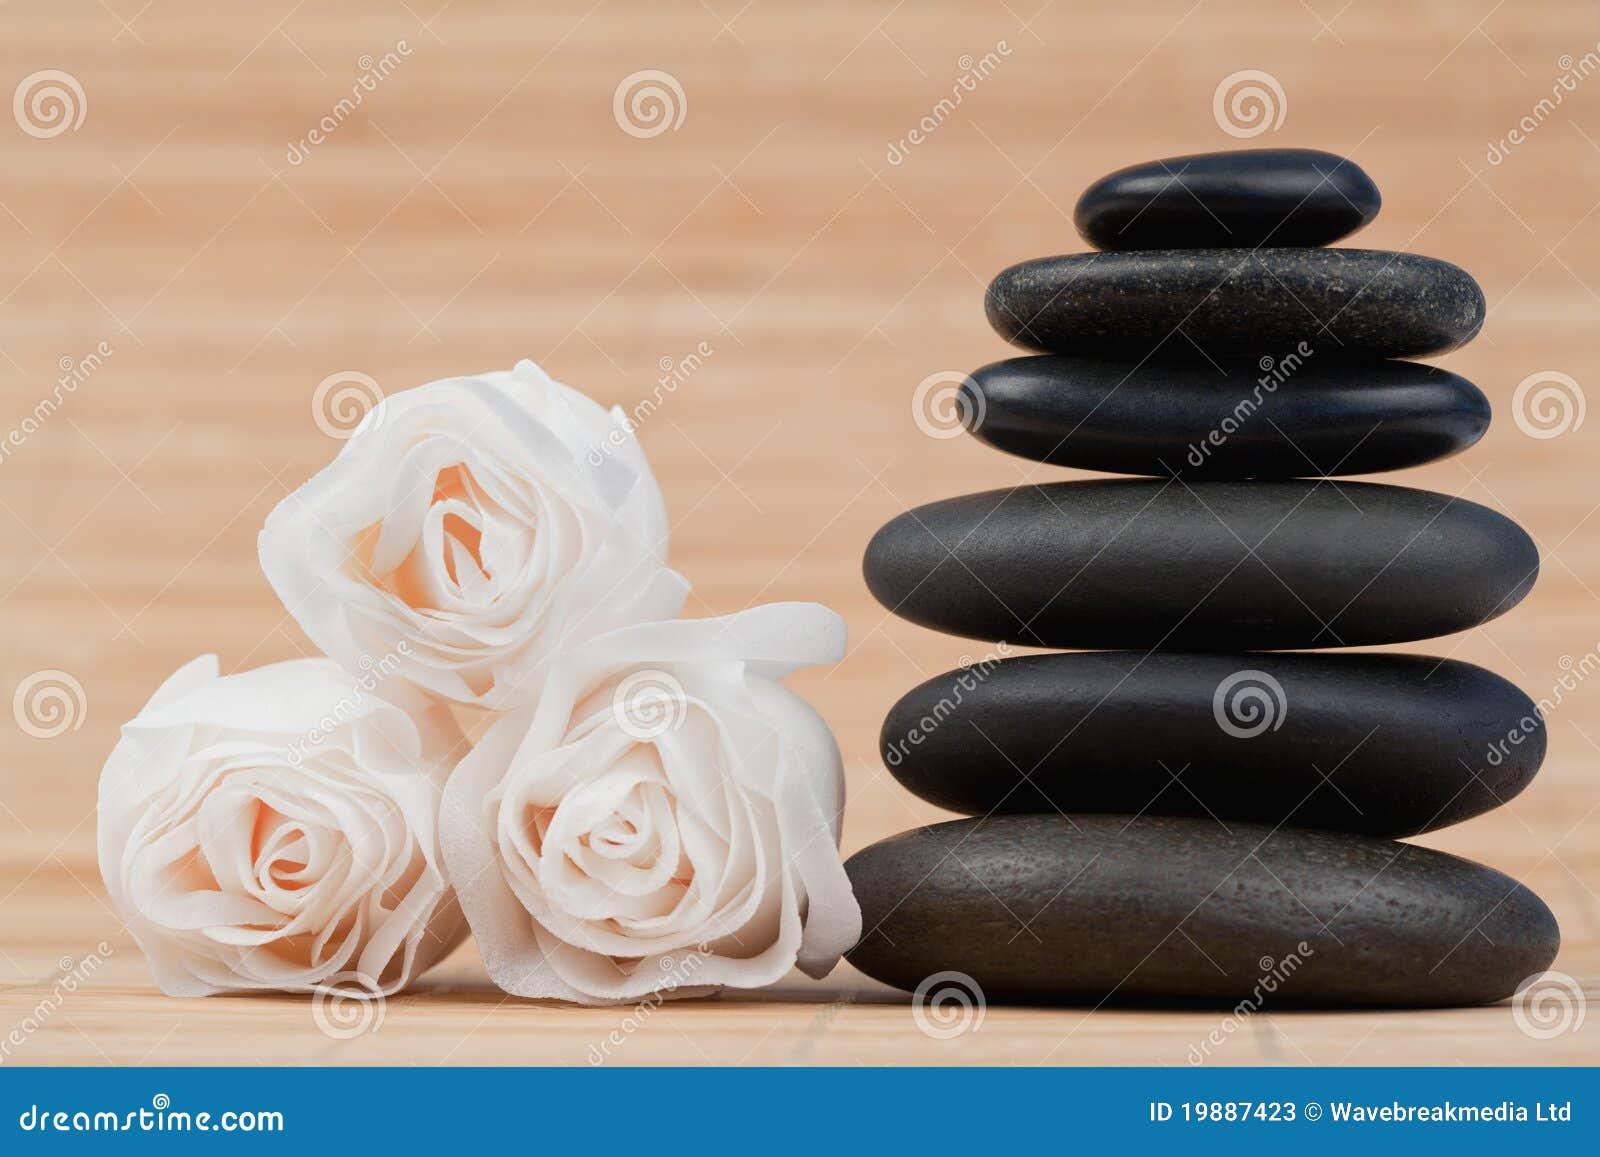 黑色接近的小卵石玫瑰加起